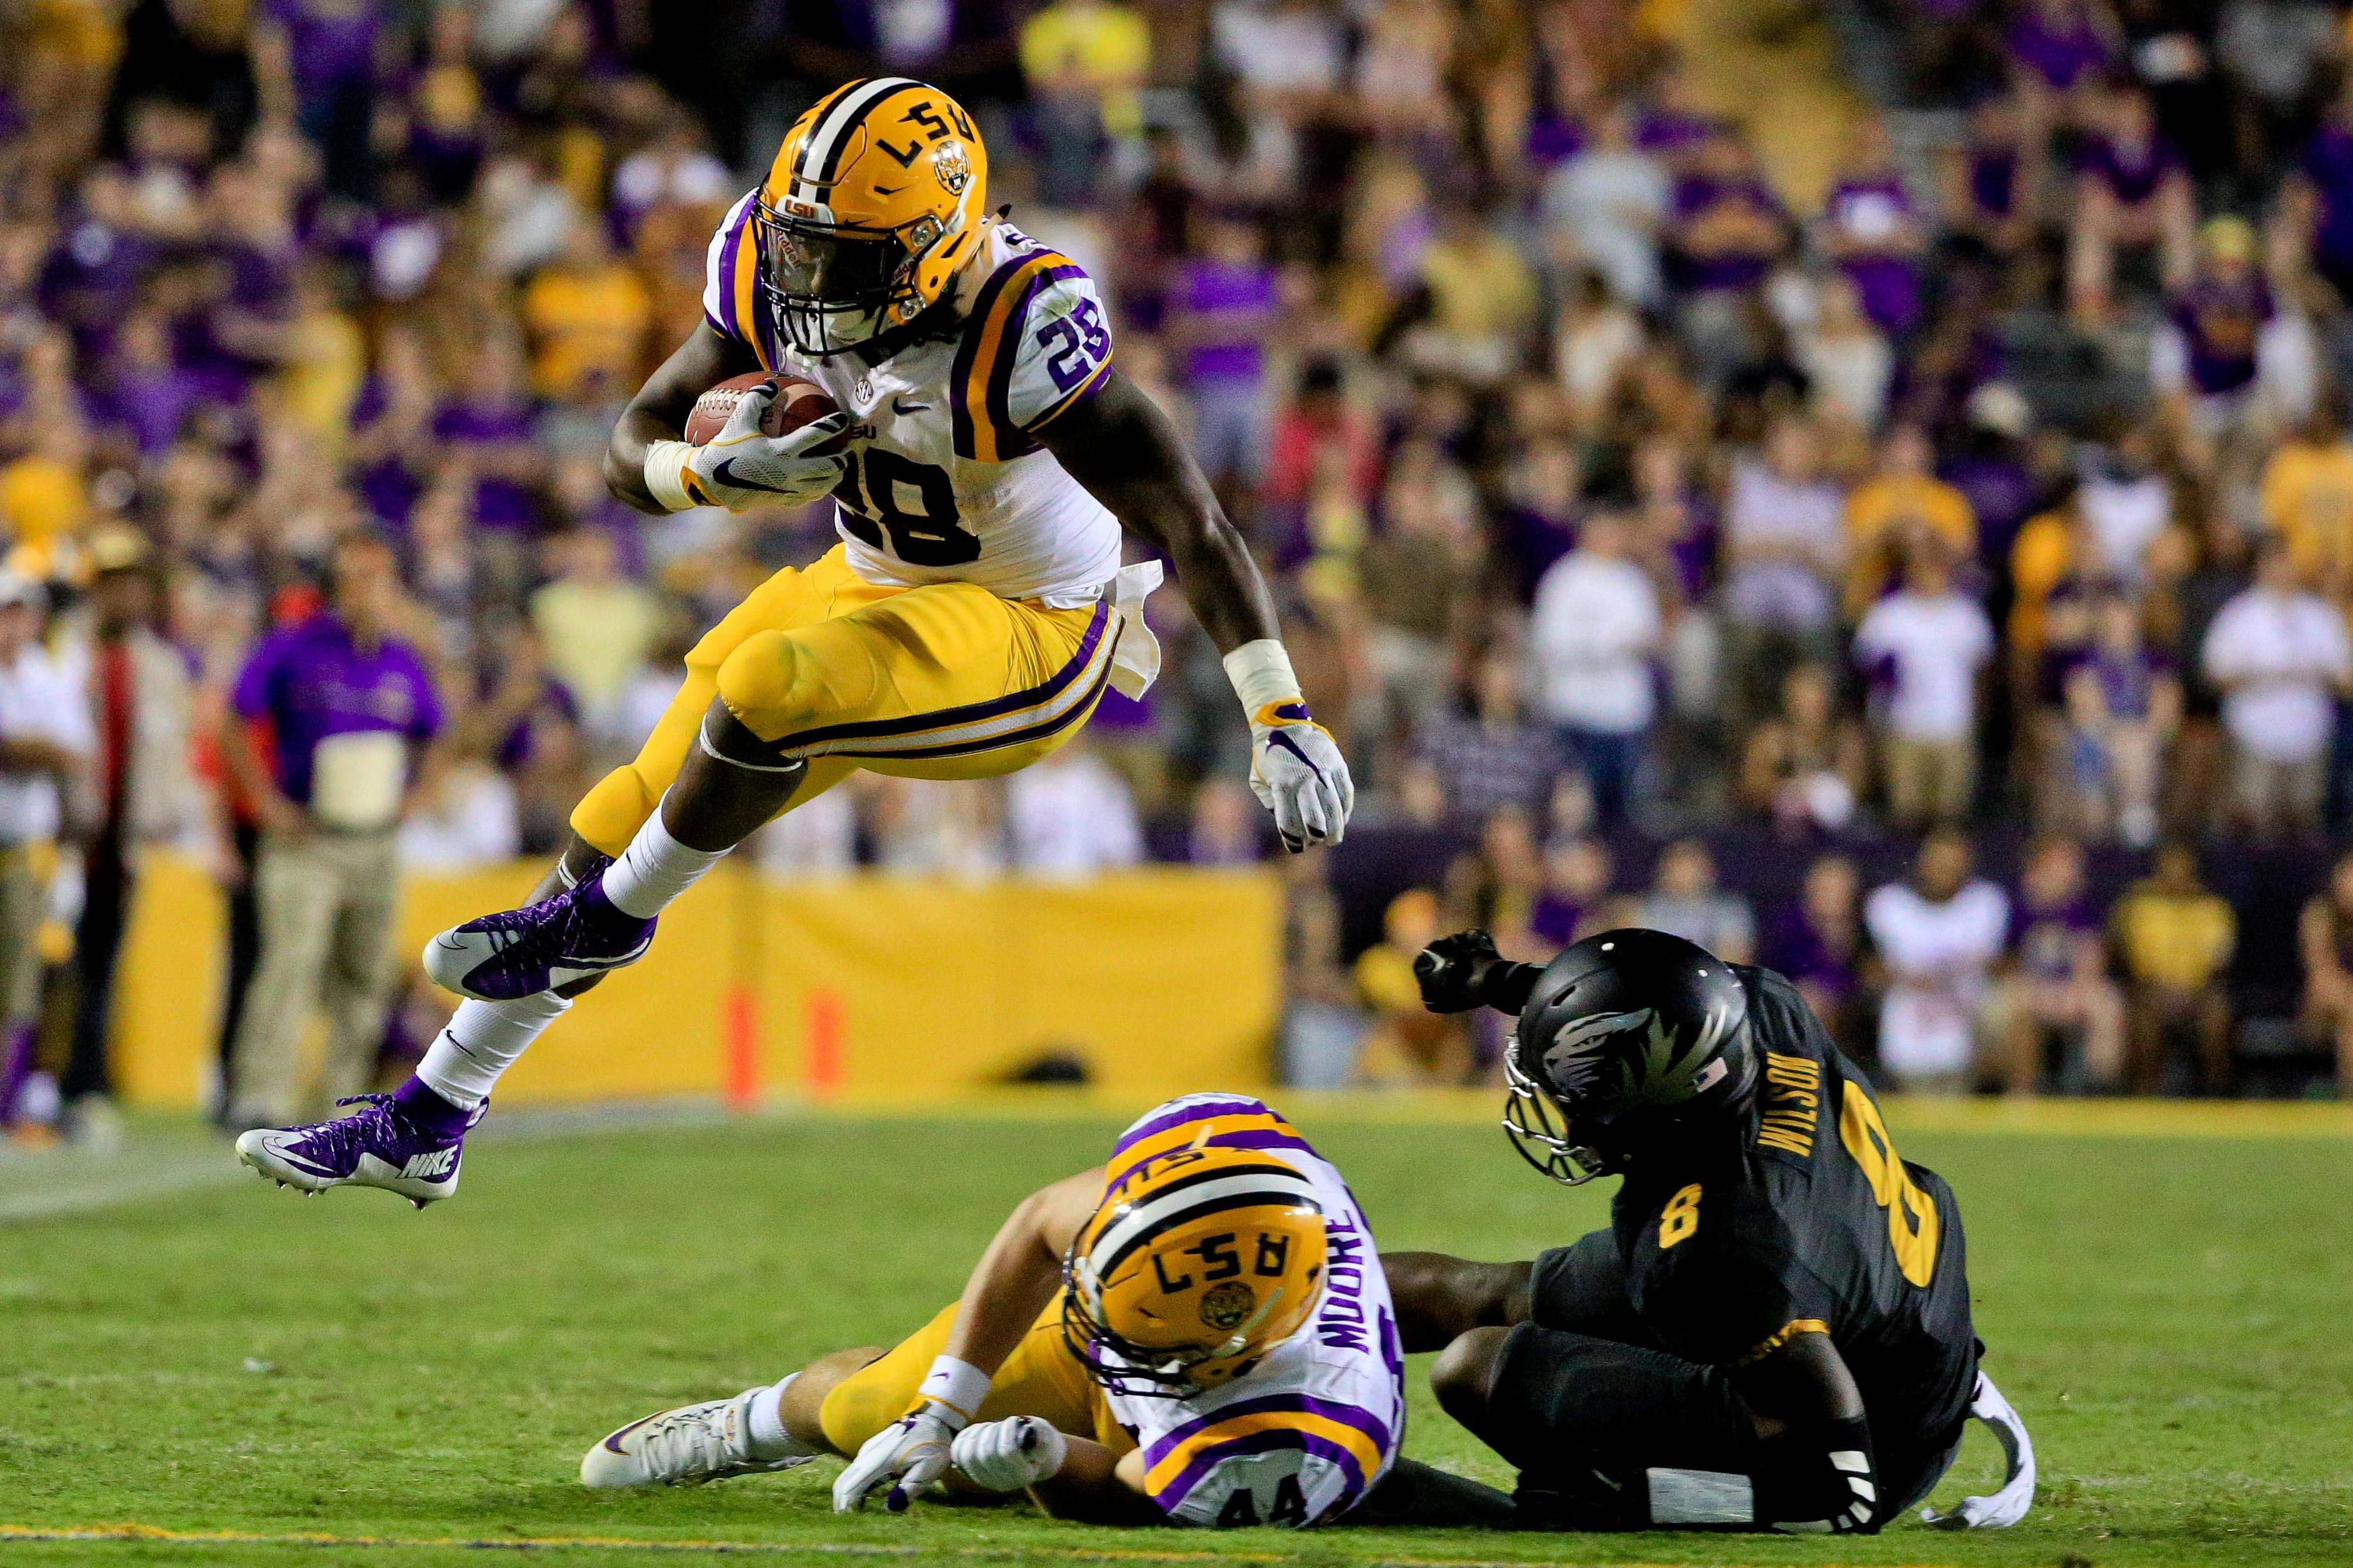 NCAA Football: Missouri at Louisiana State